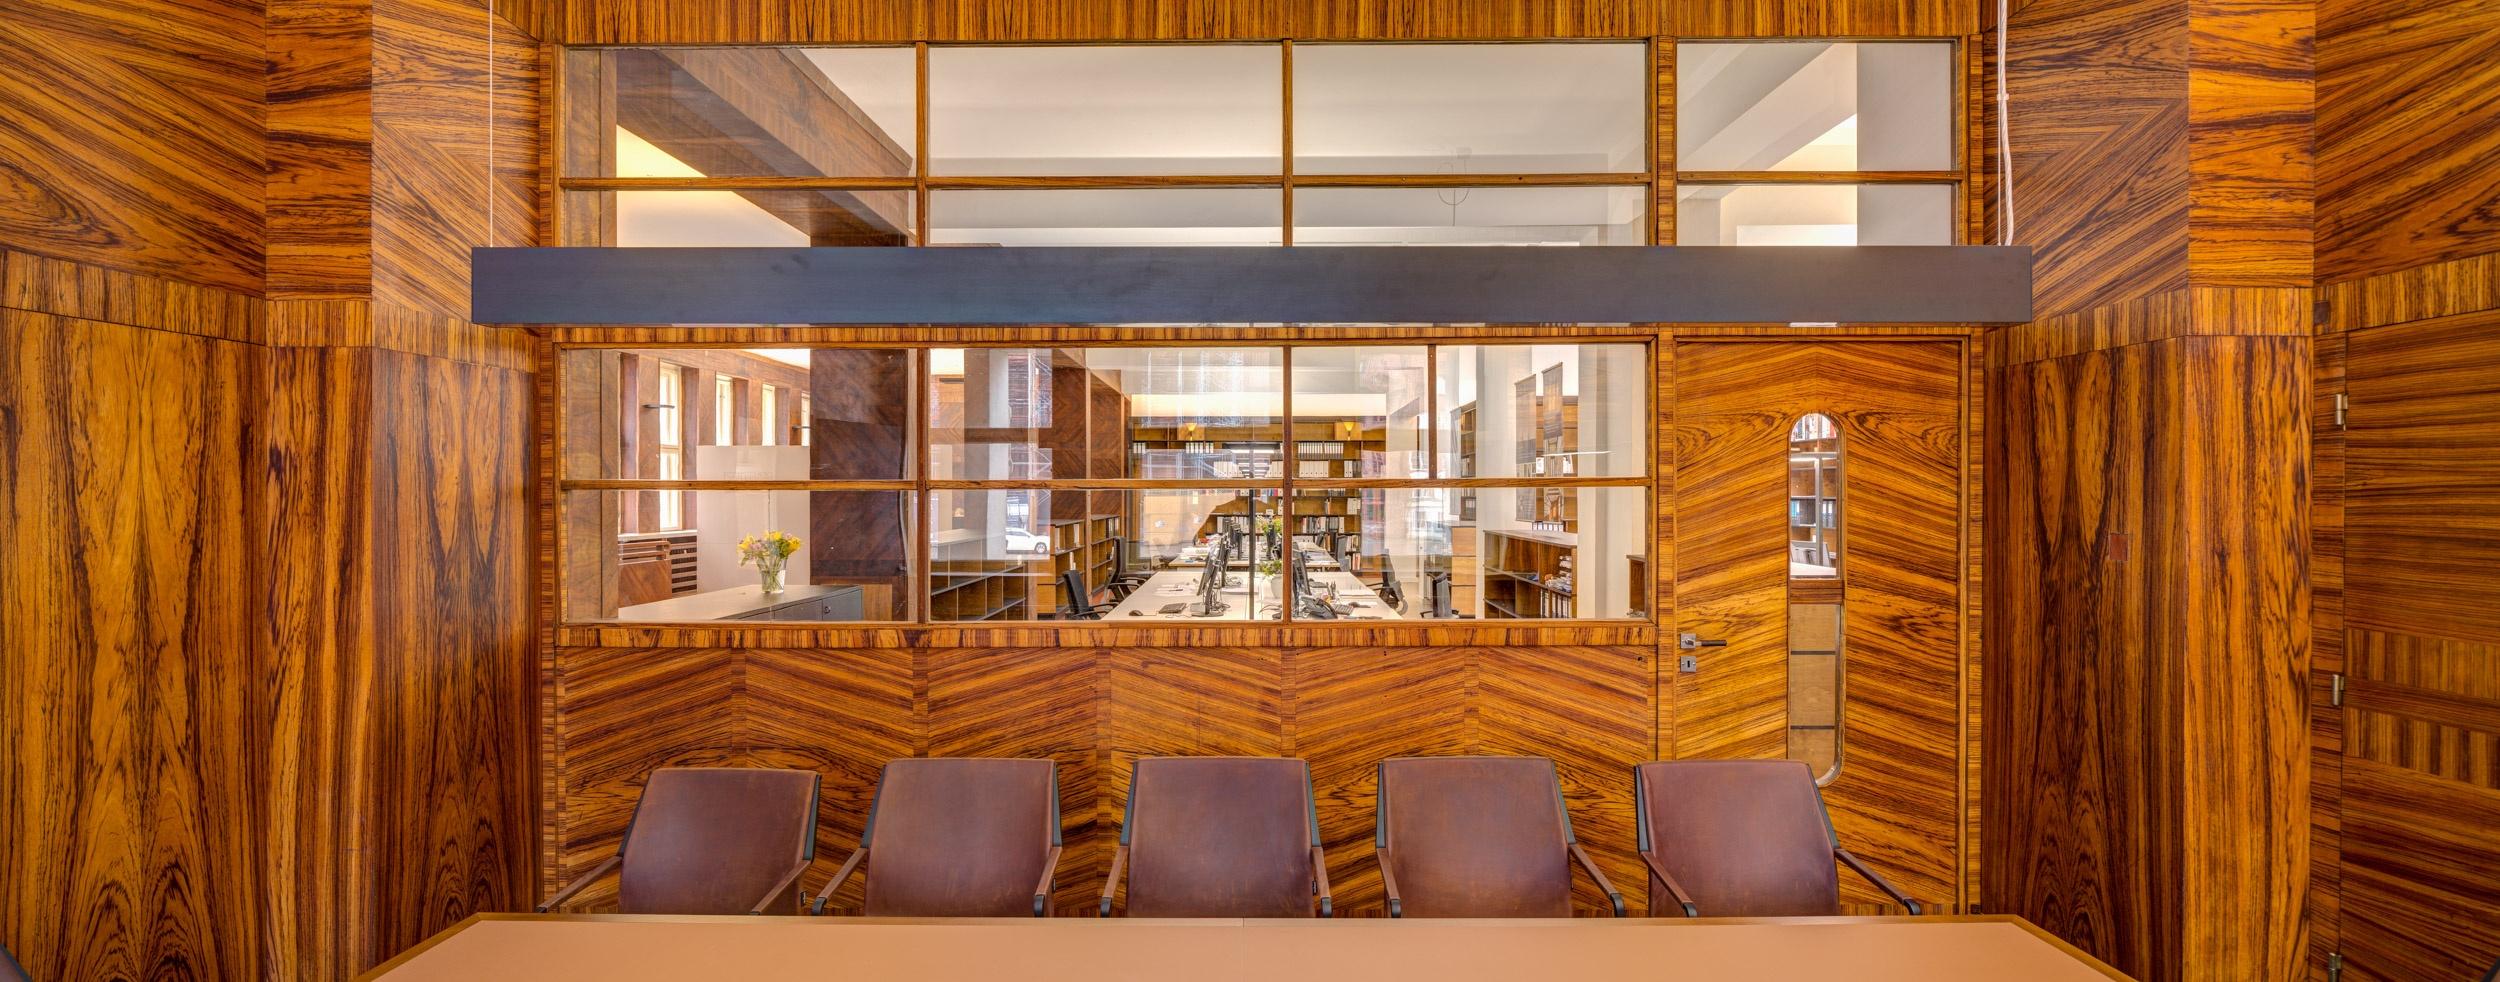 Architekturbüro Stralsund - Direktorenzimmer